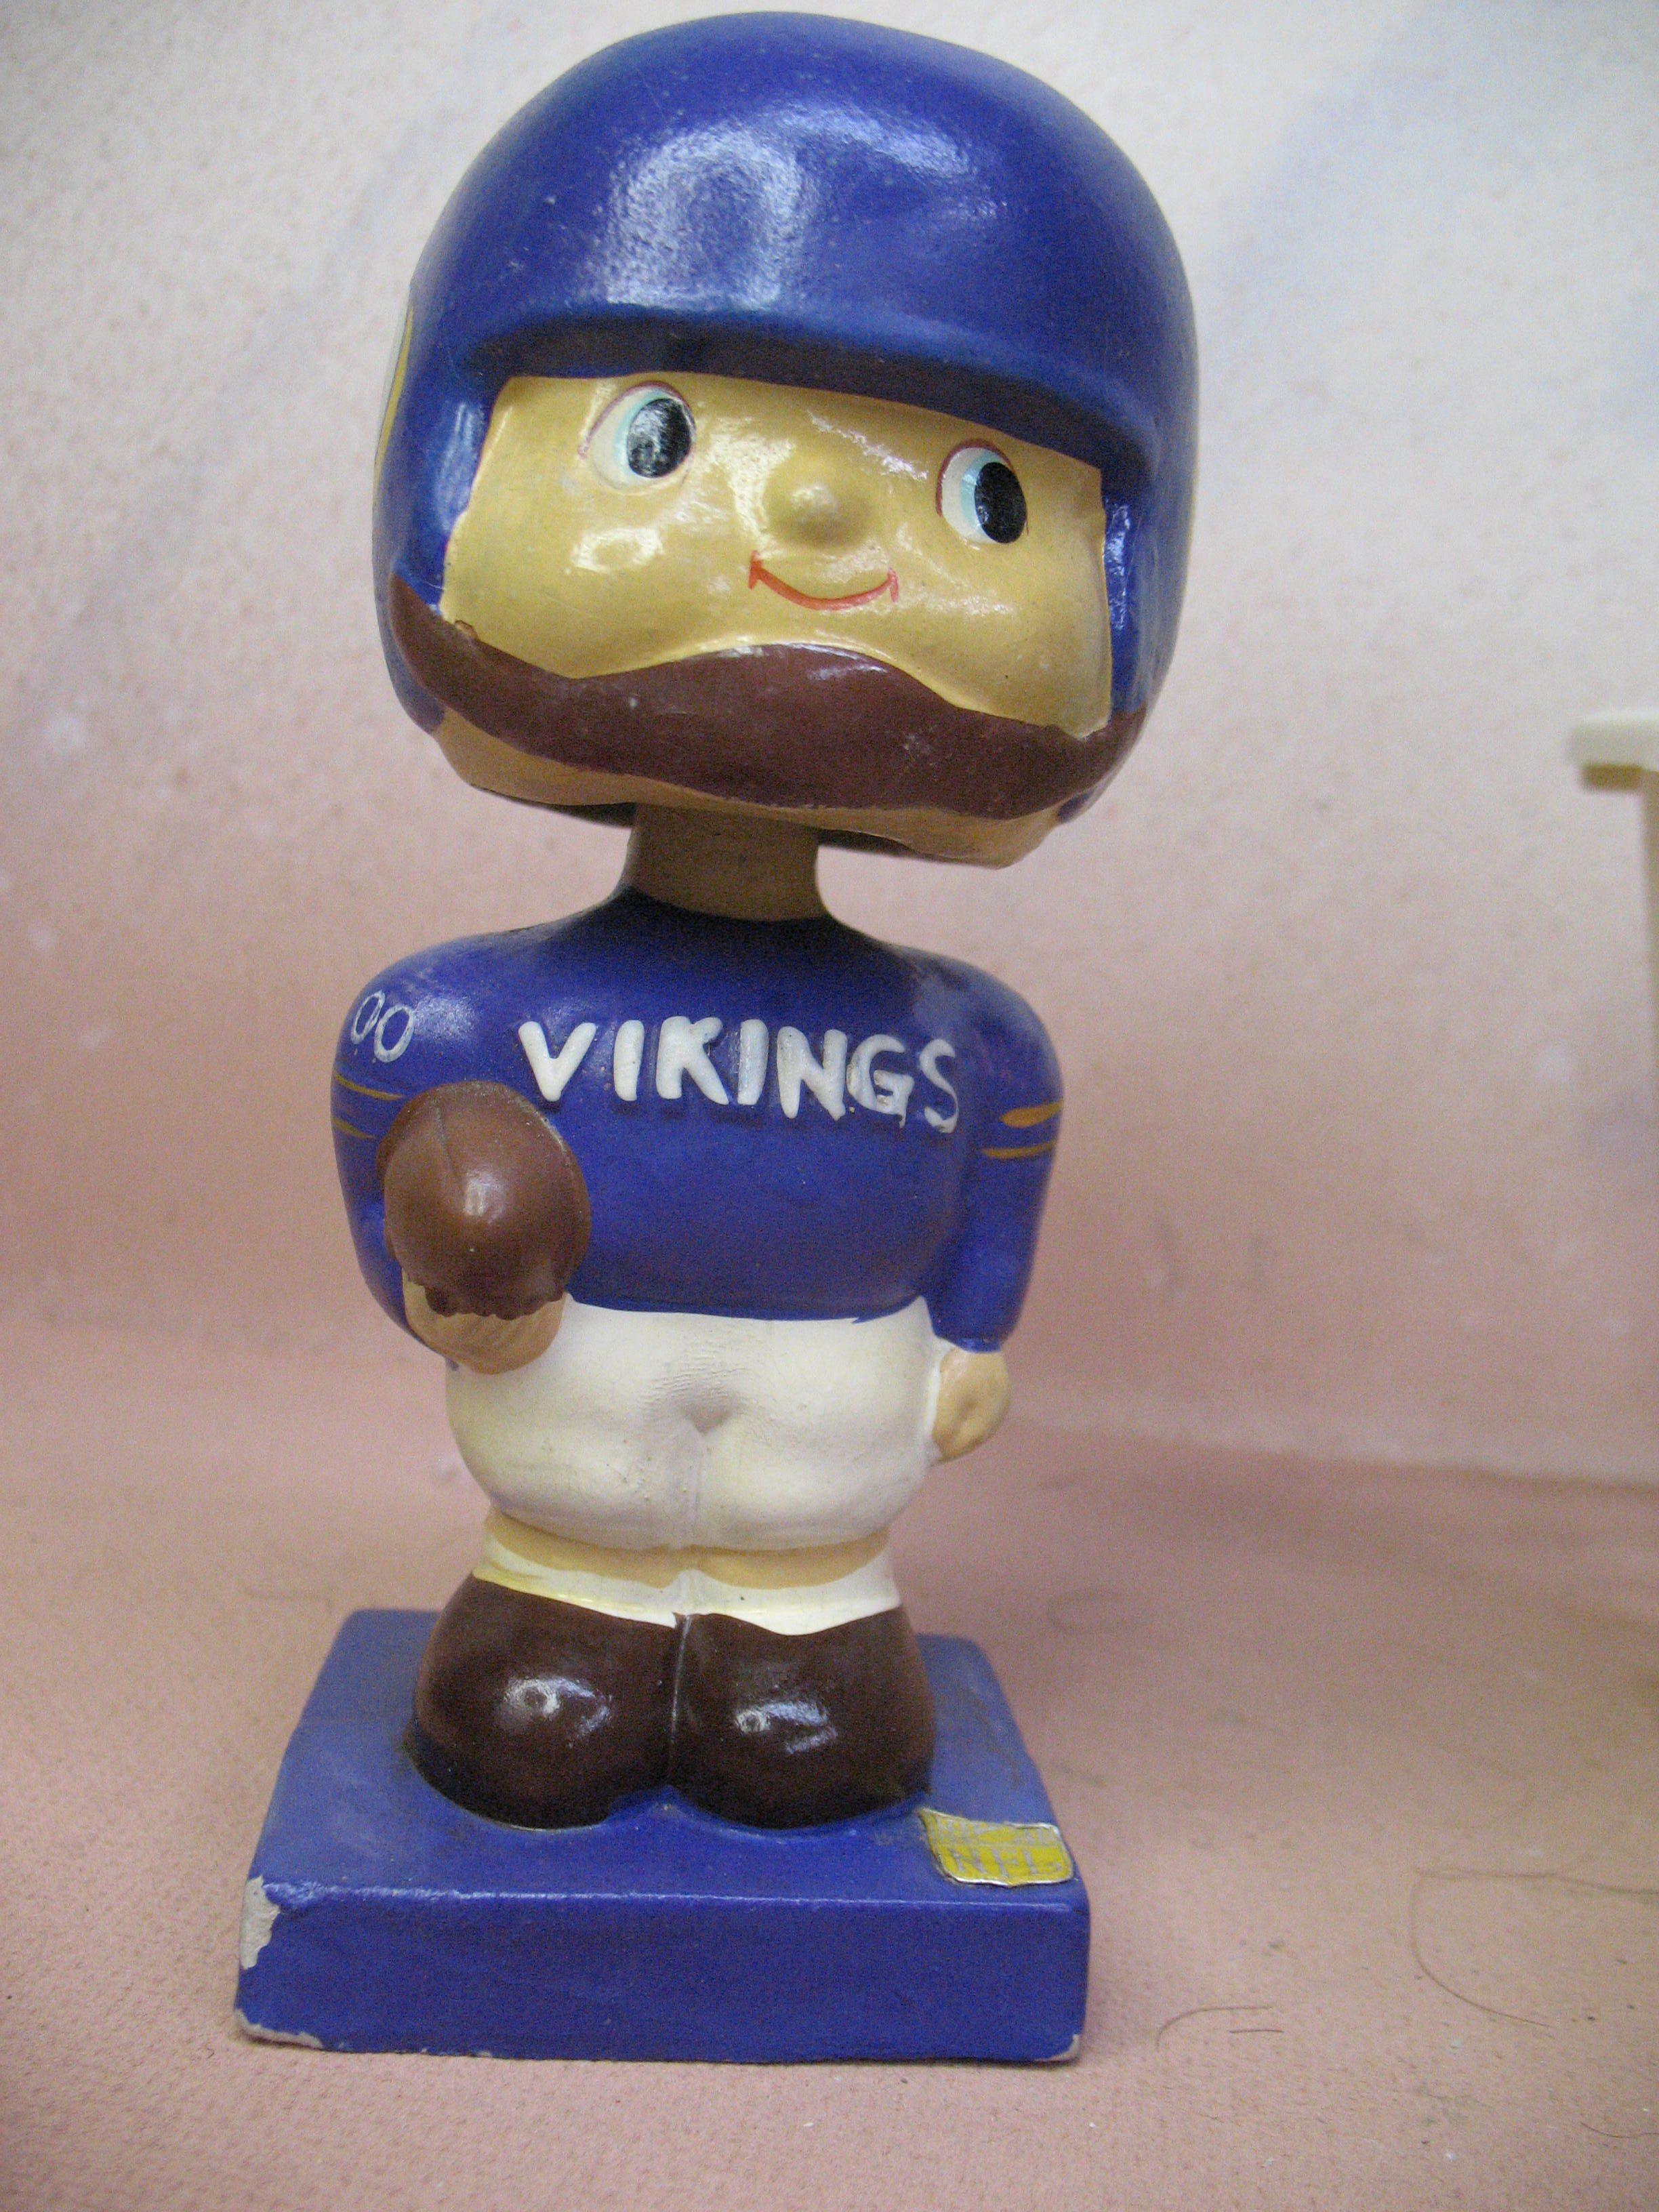 Vikings Bobblehead